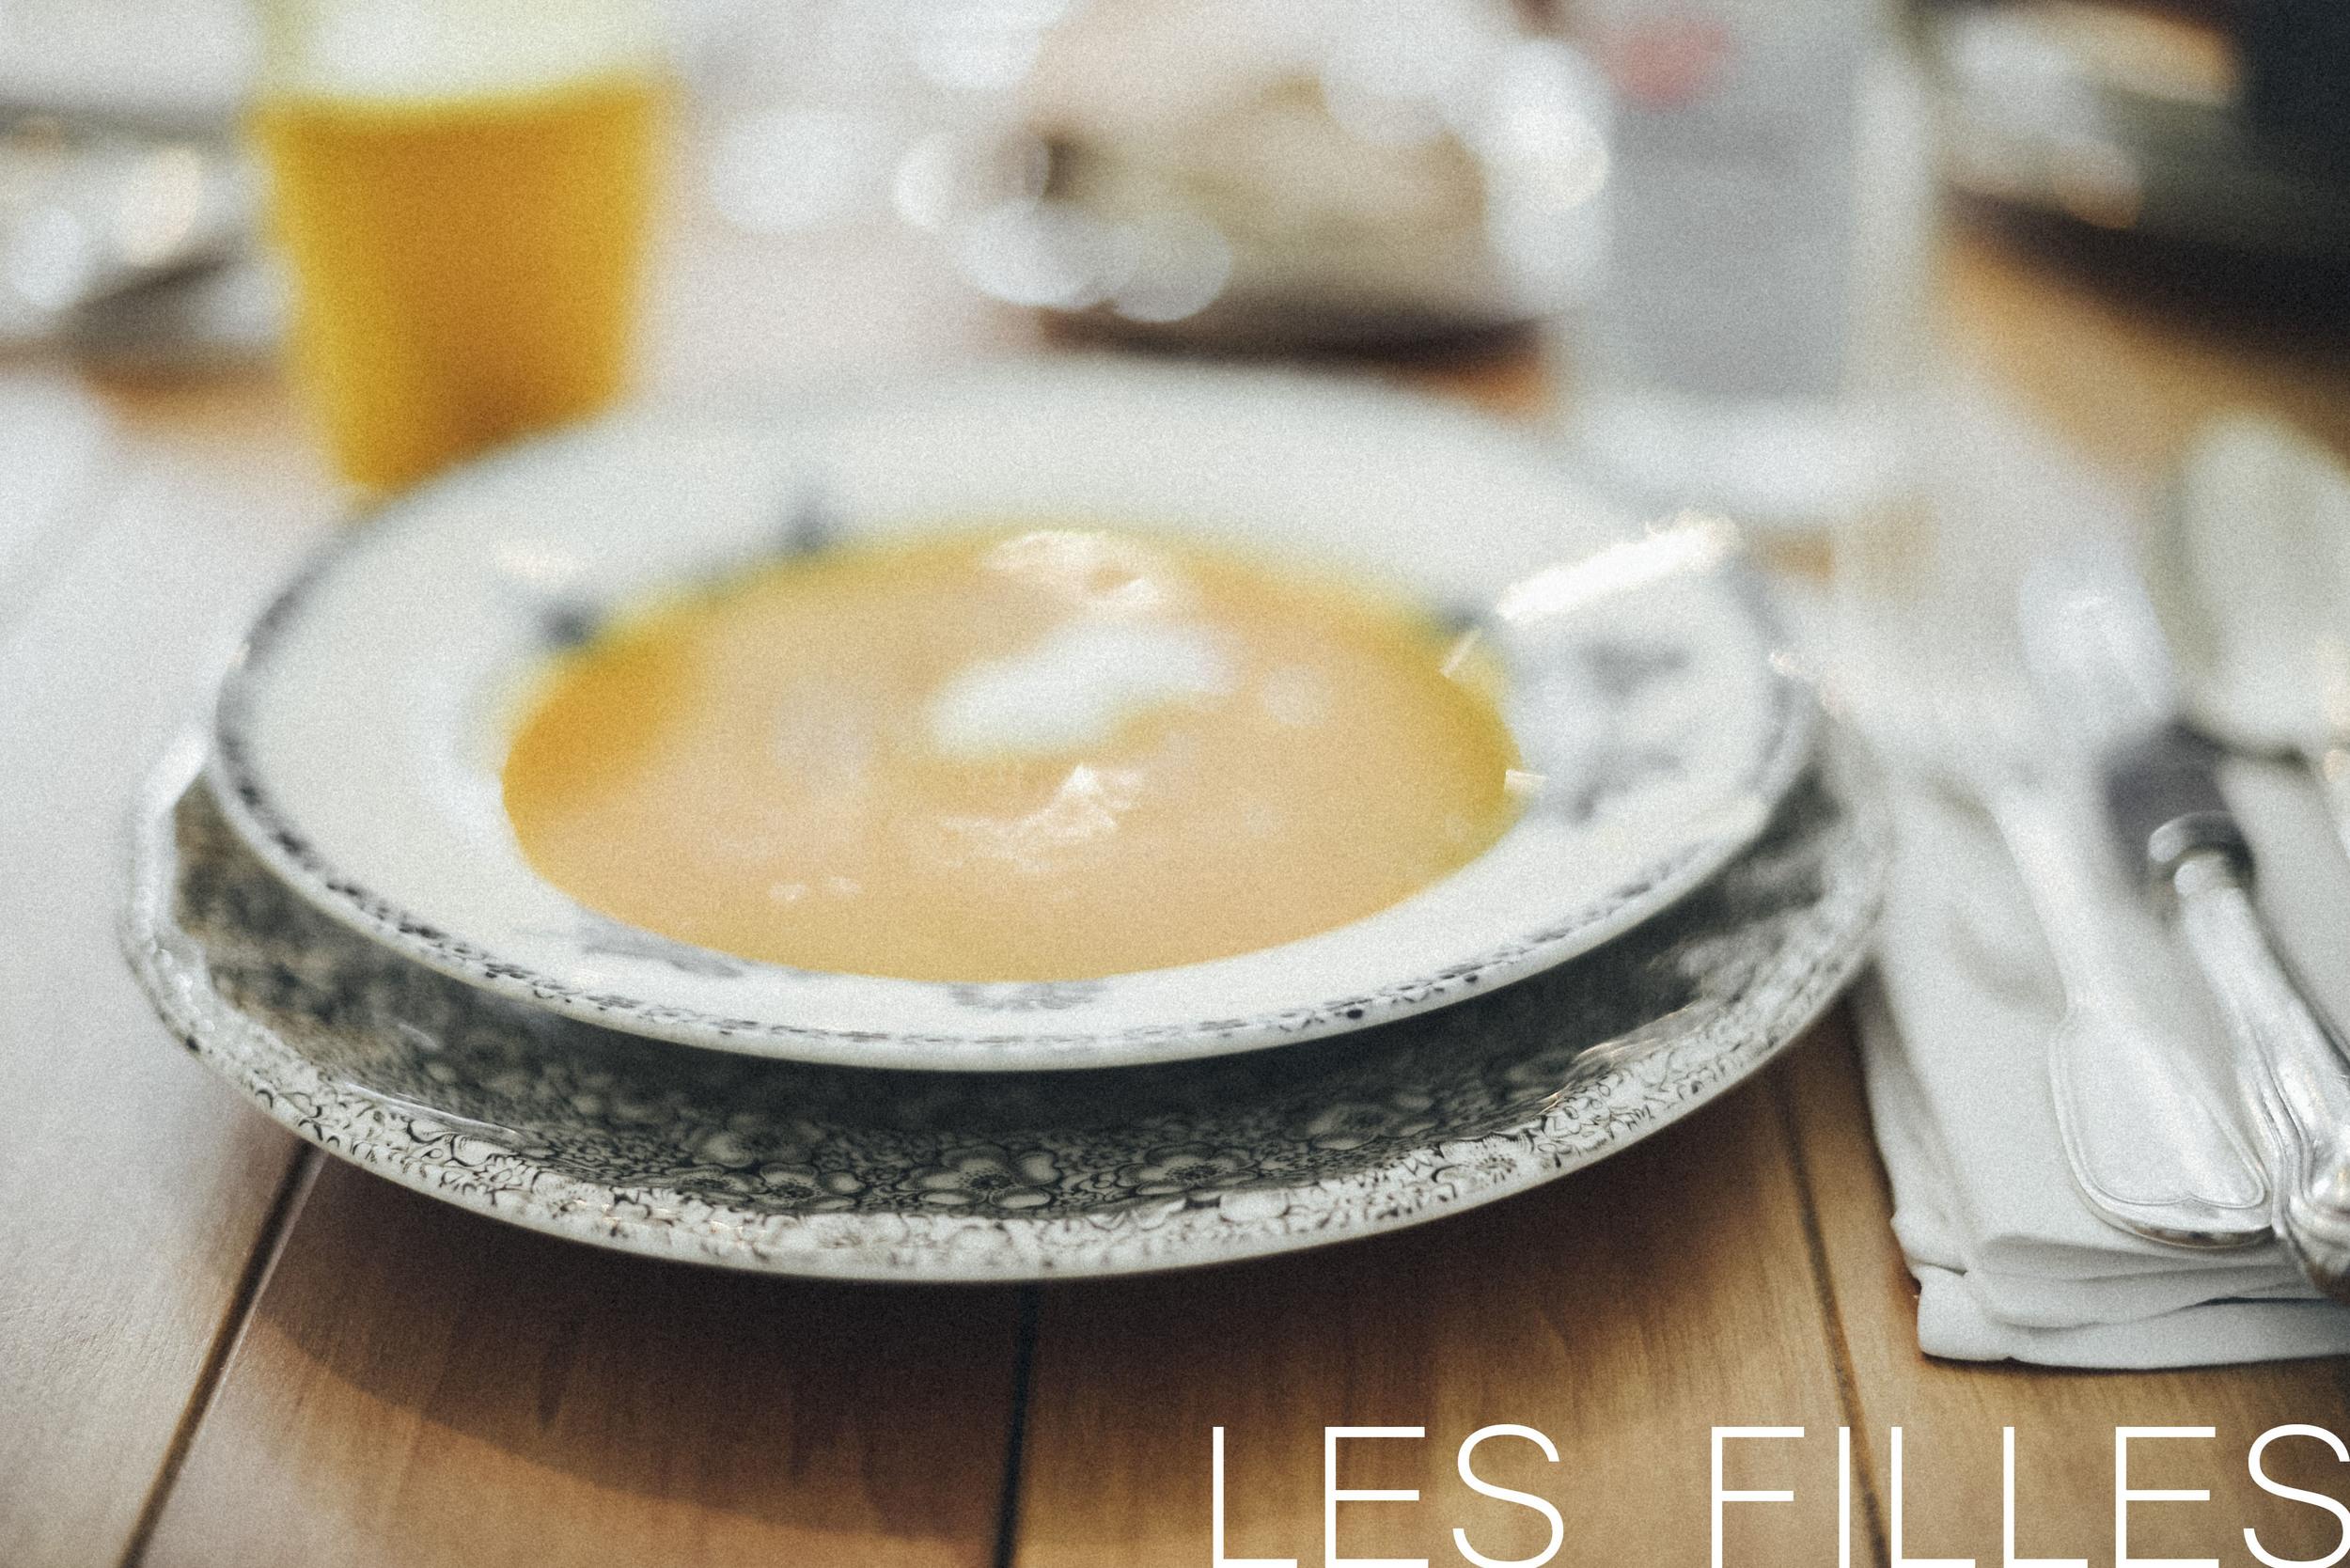 les filles plaisirs culinaires bruxelles brussels best food drinks blogger spots visit secret place